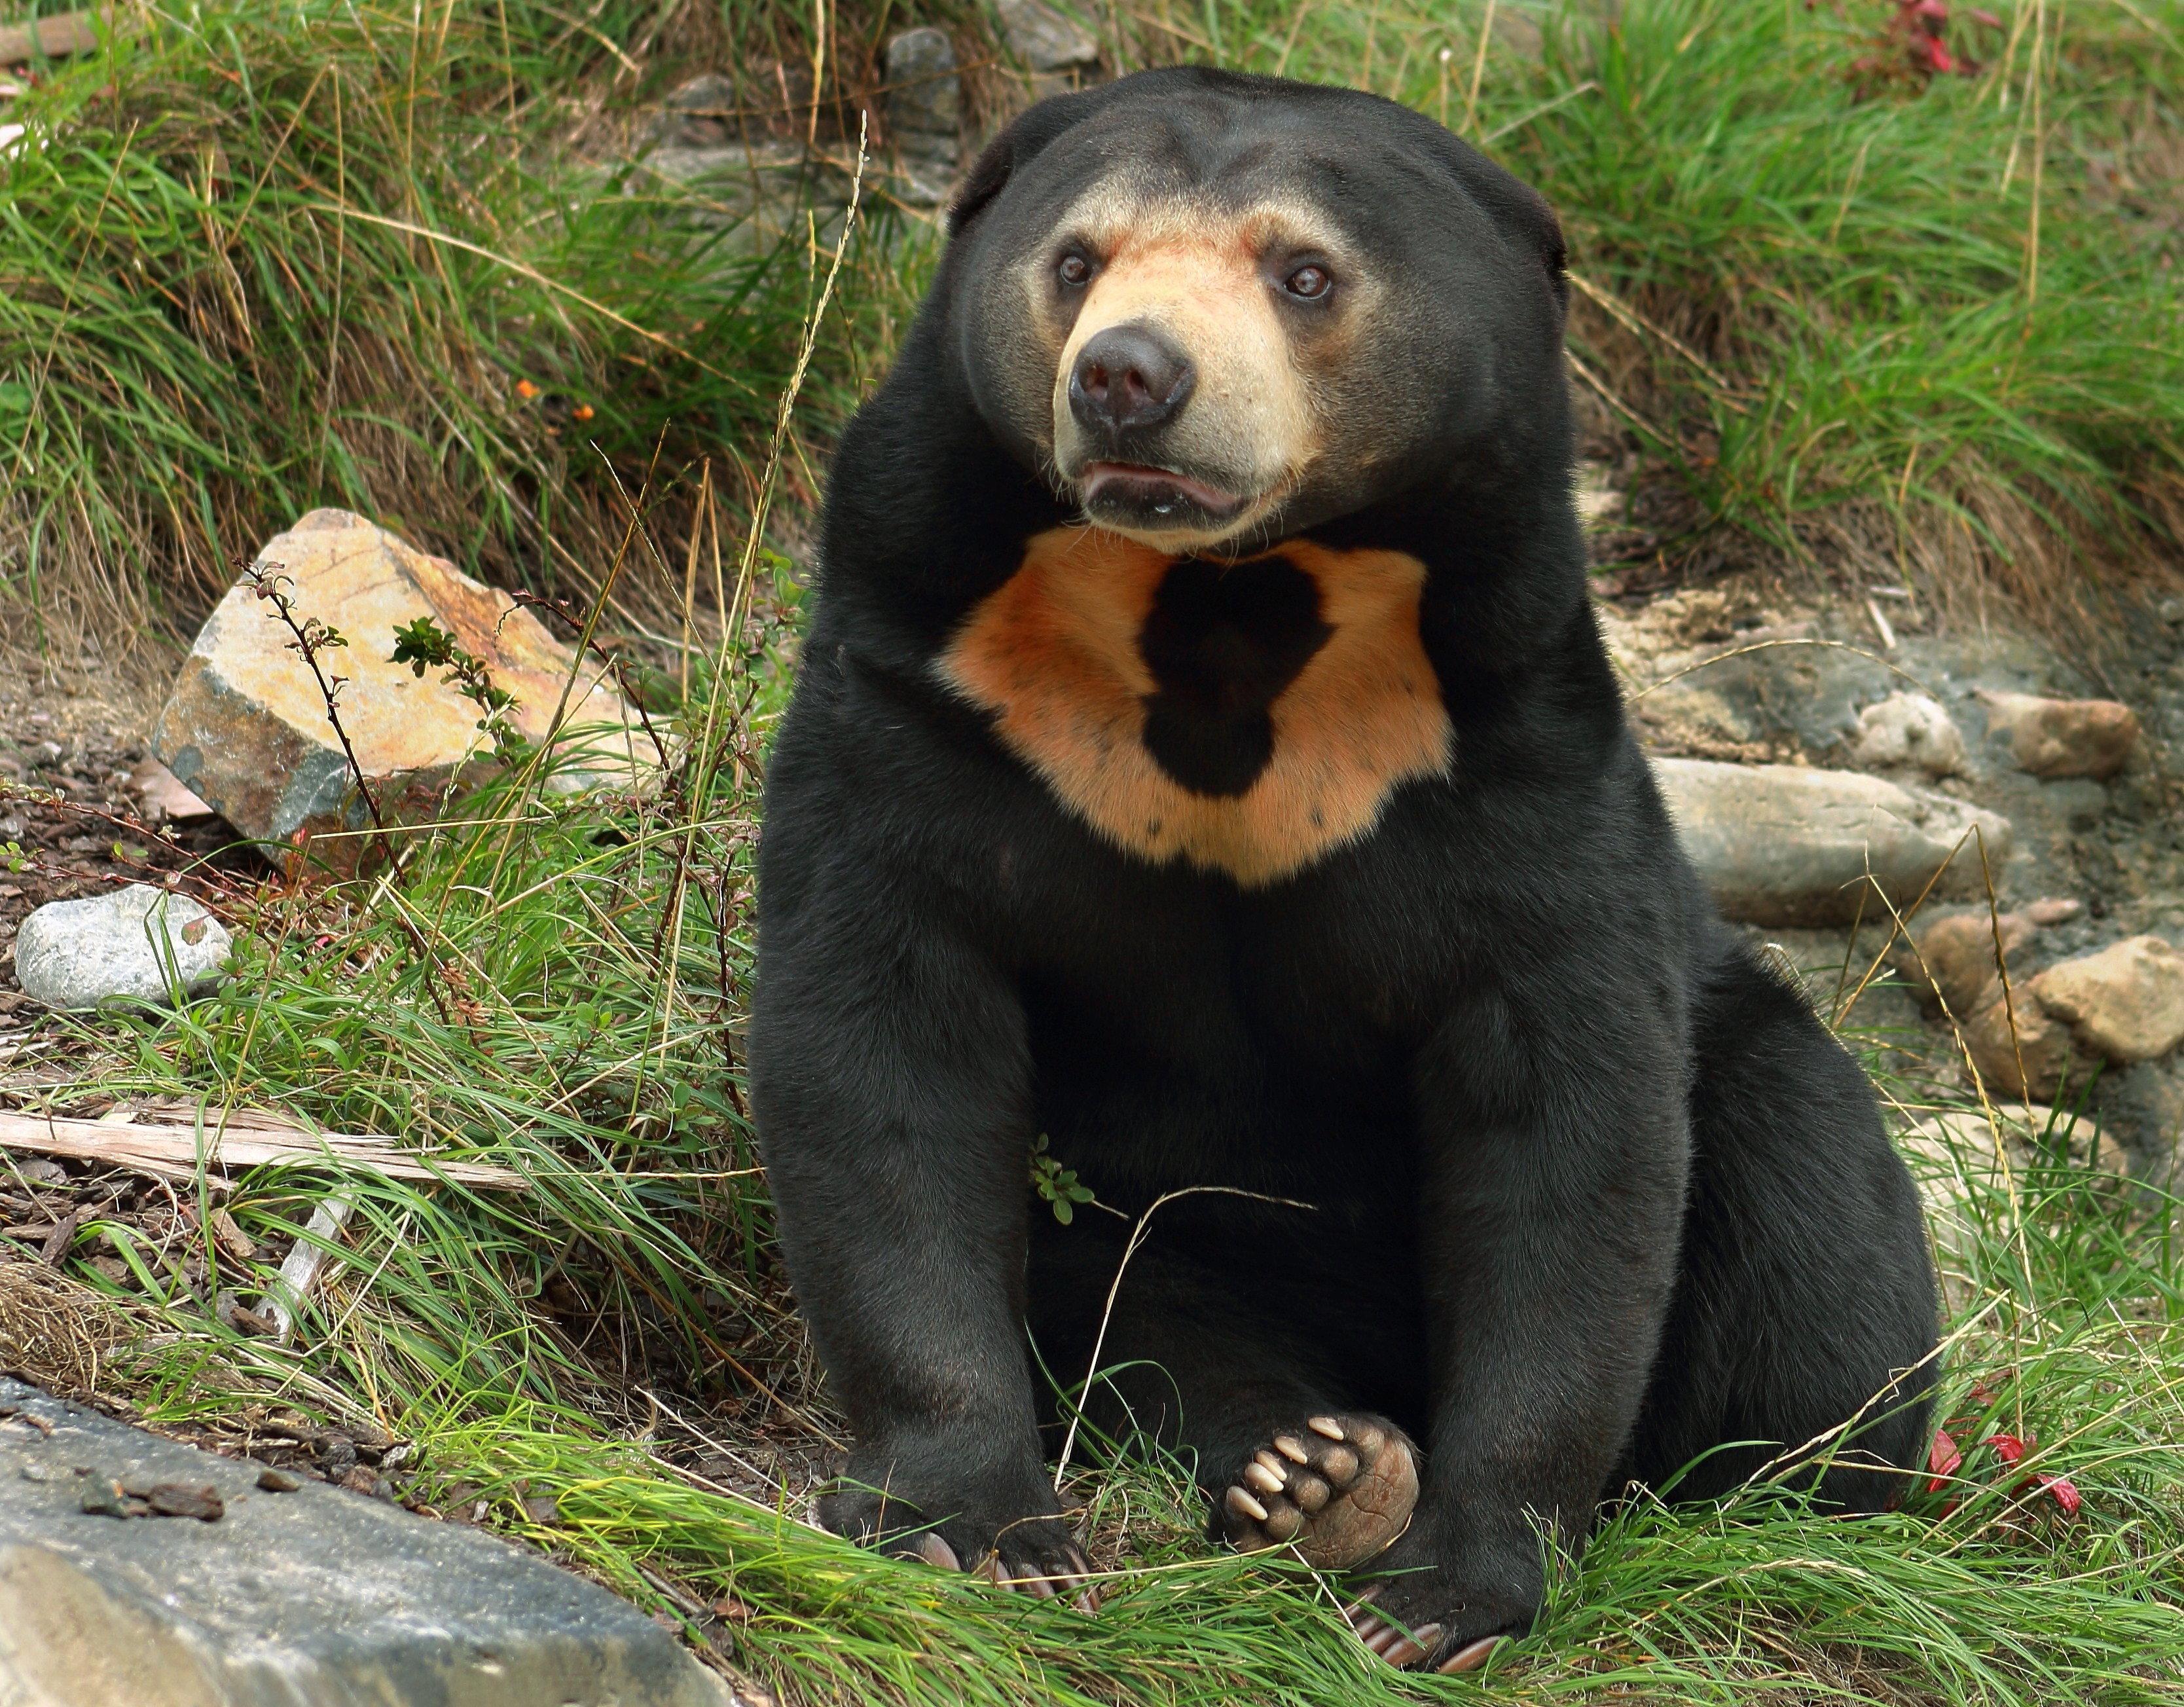 A very cute sun bear at a New Zealand zoo.